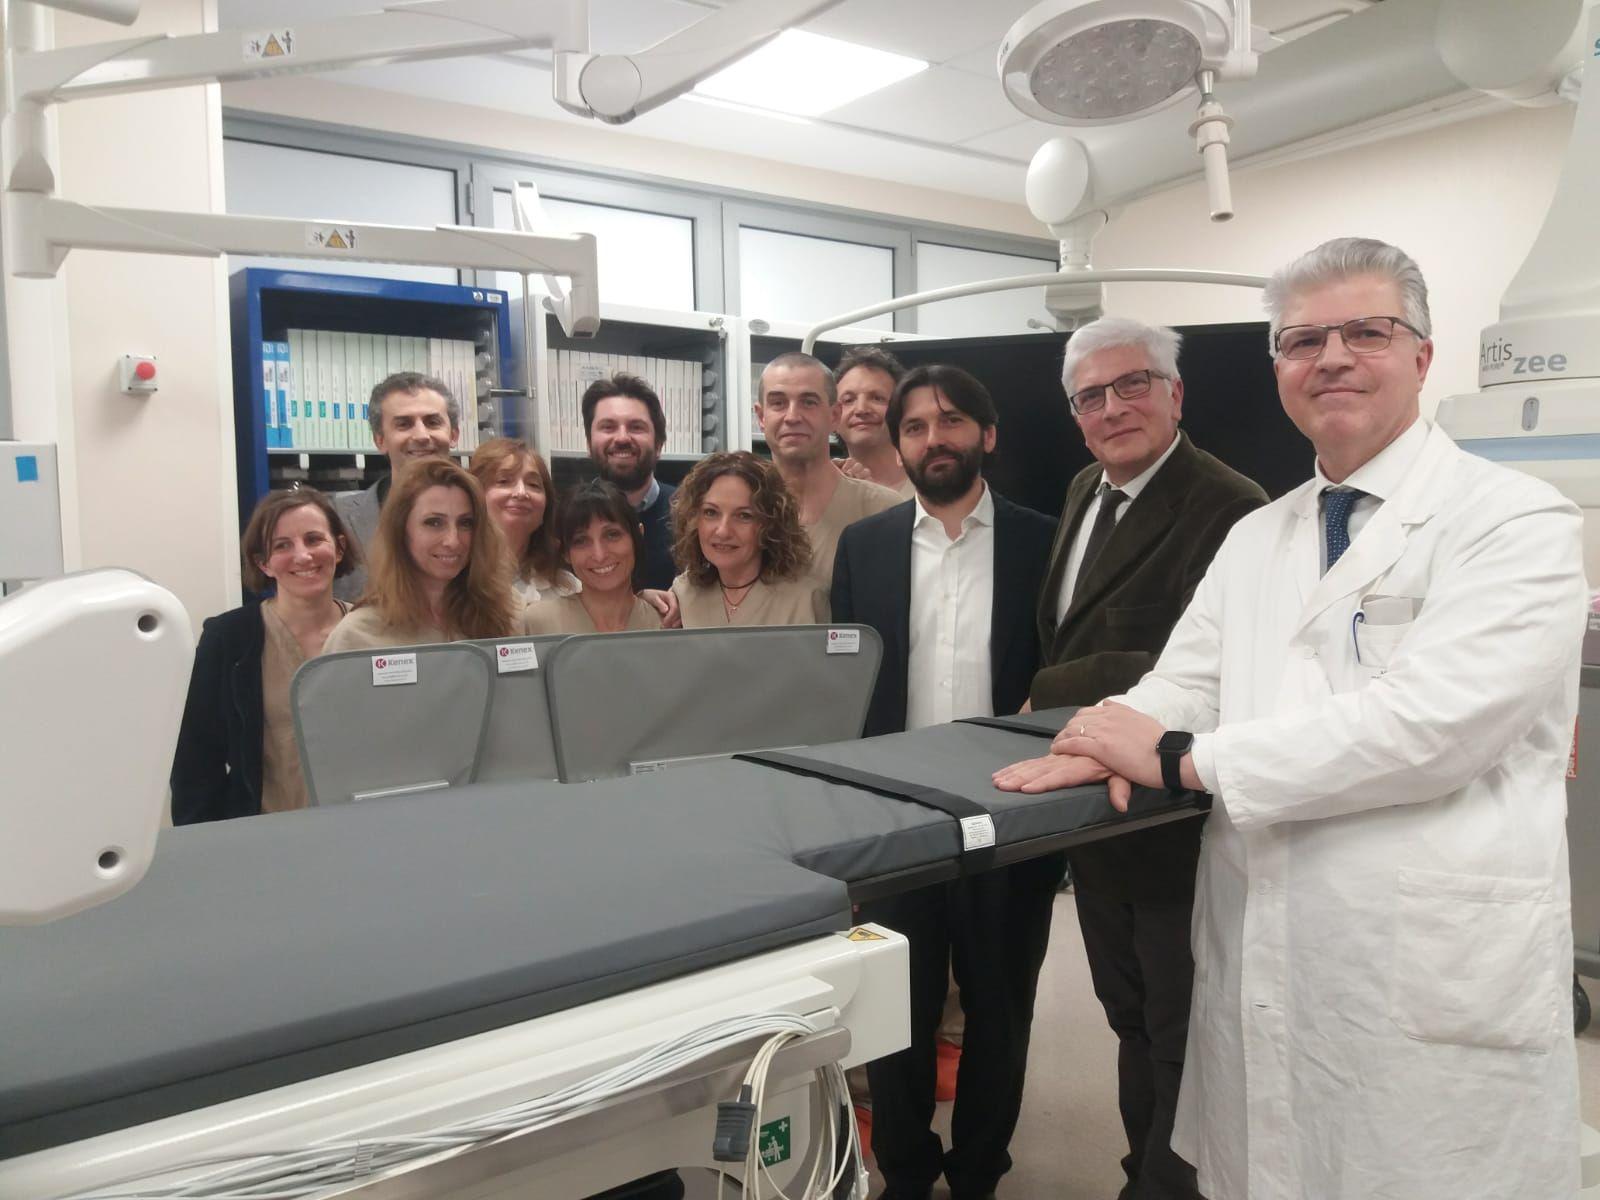 CANAVESE - Meno rischi per chi soffre di cuore: all'ospedale di Chivasso entra in funzione l'emodinamica - FOTO